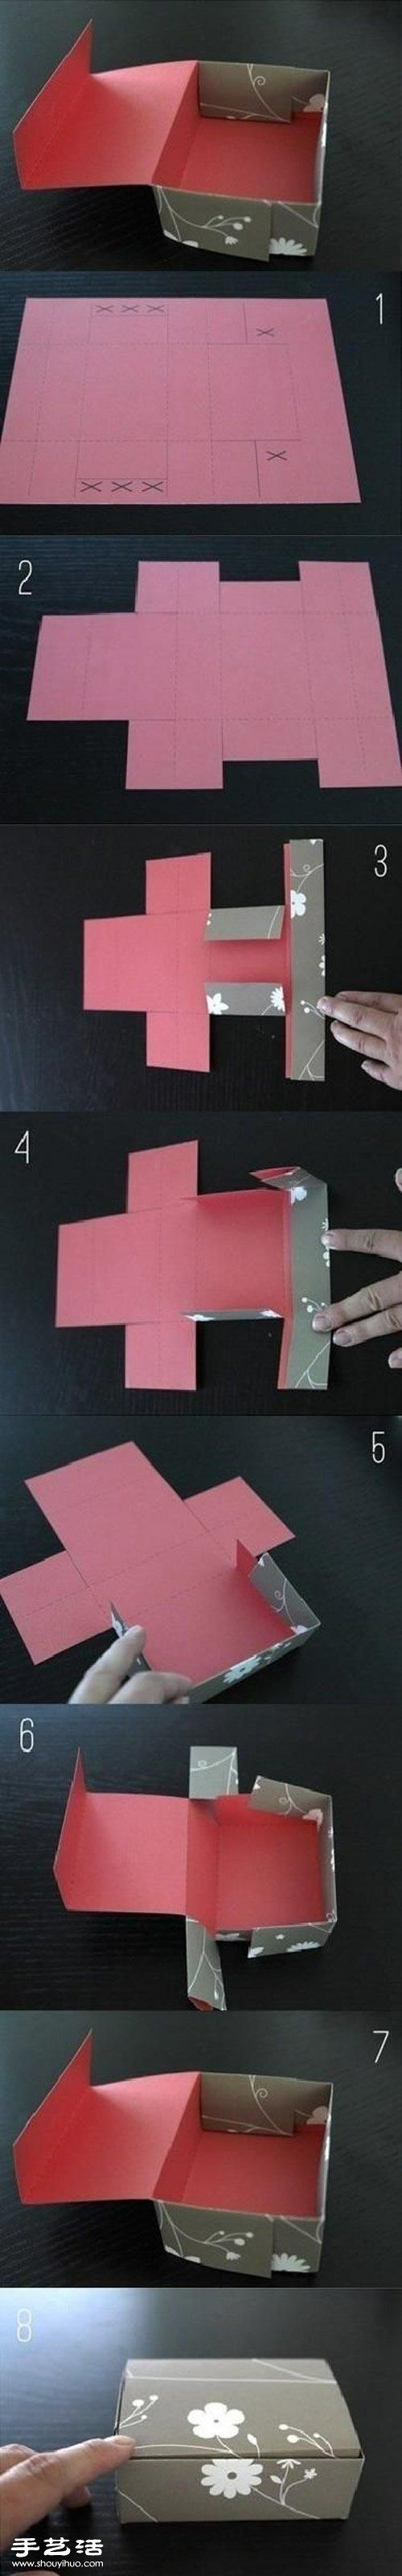 手工折纸礼品盒包装制作图解